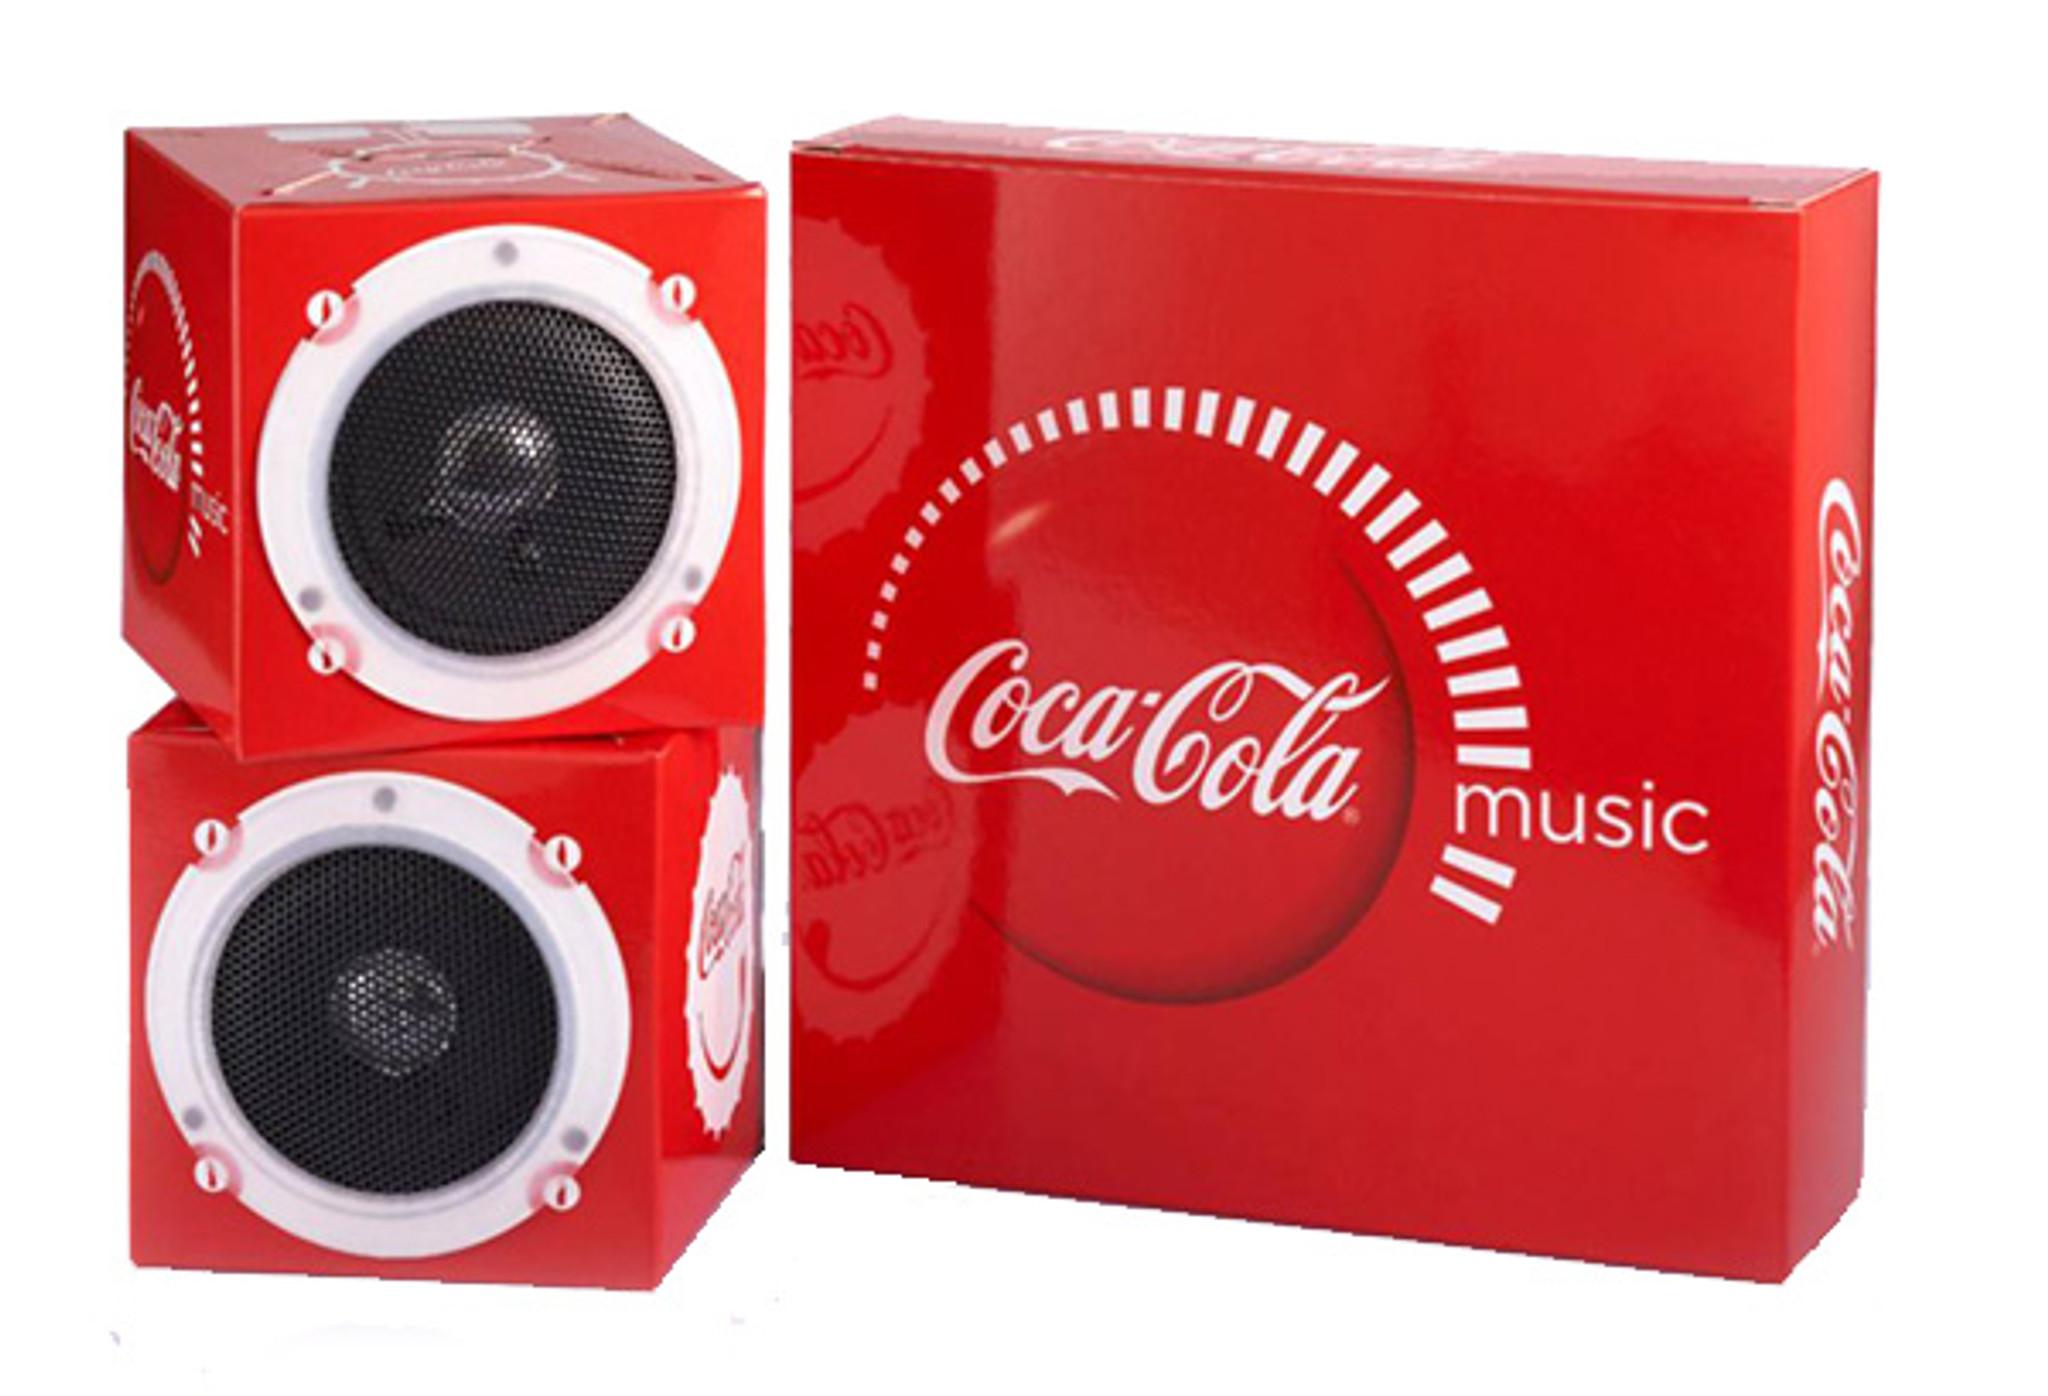 Paper Cube Speakers